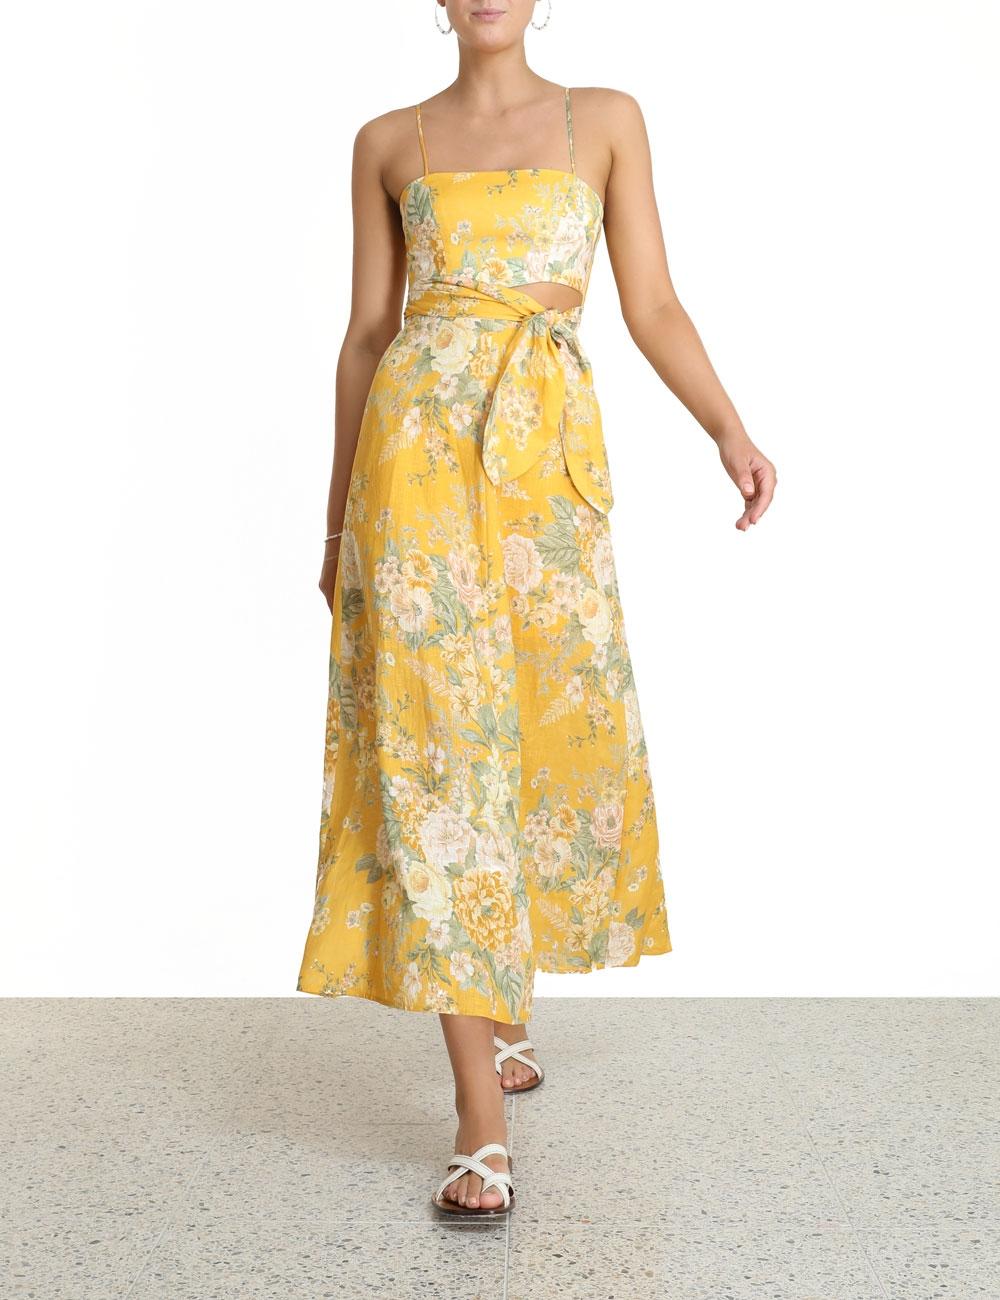 Amelie Scarf Tie Dress